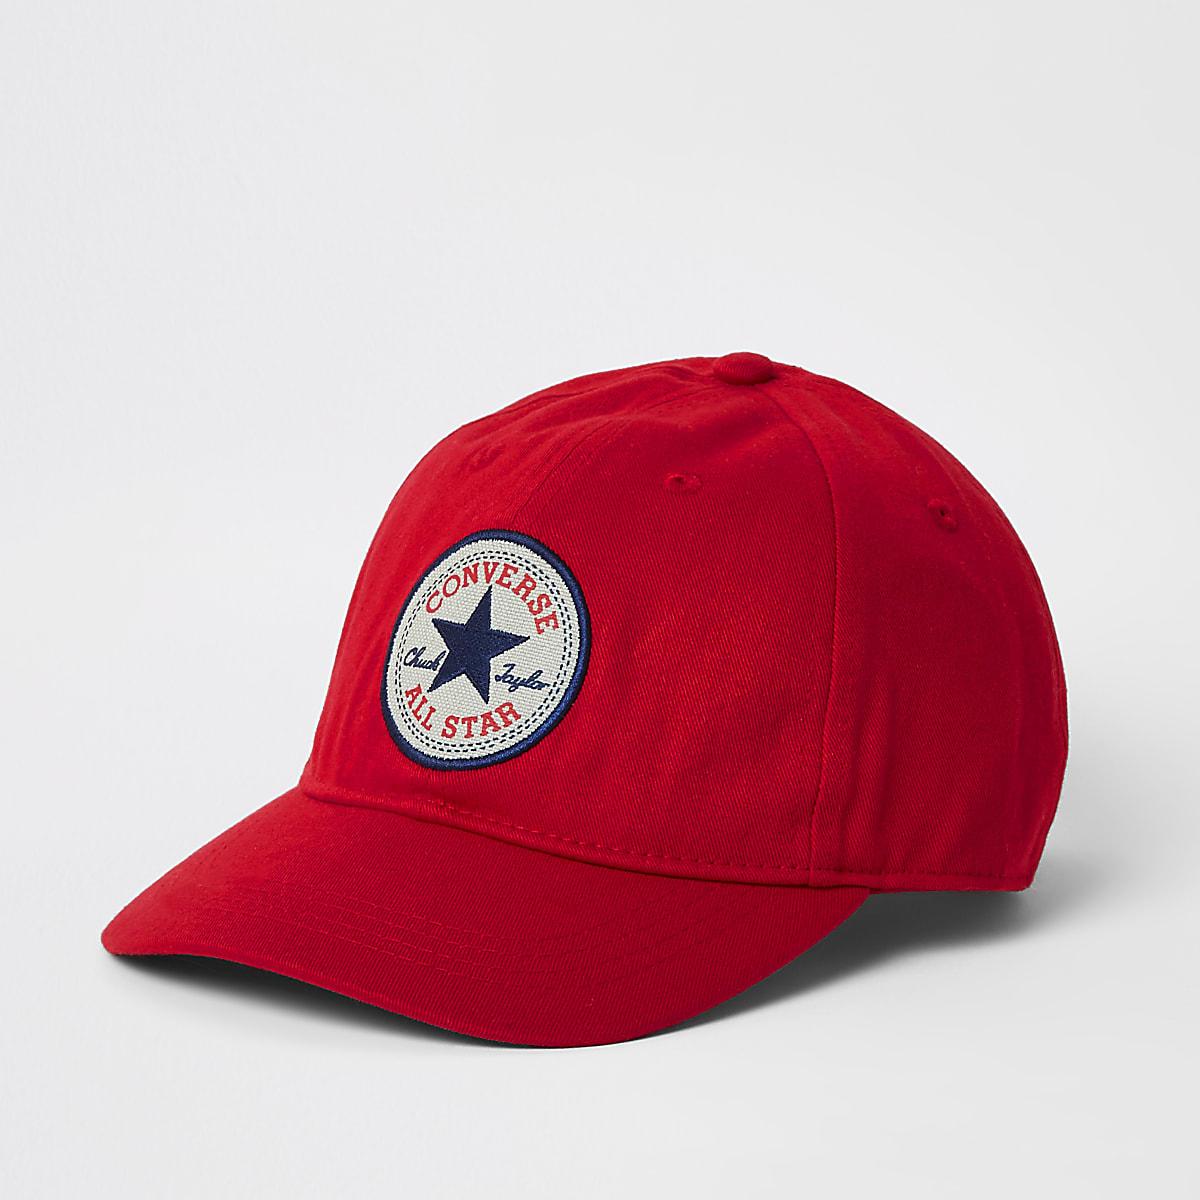 Kids red Converse cap